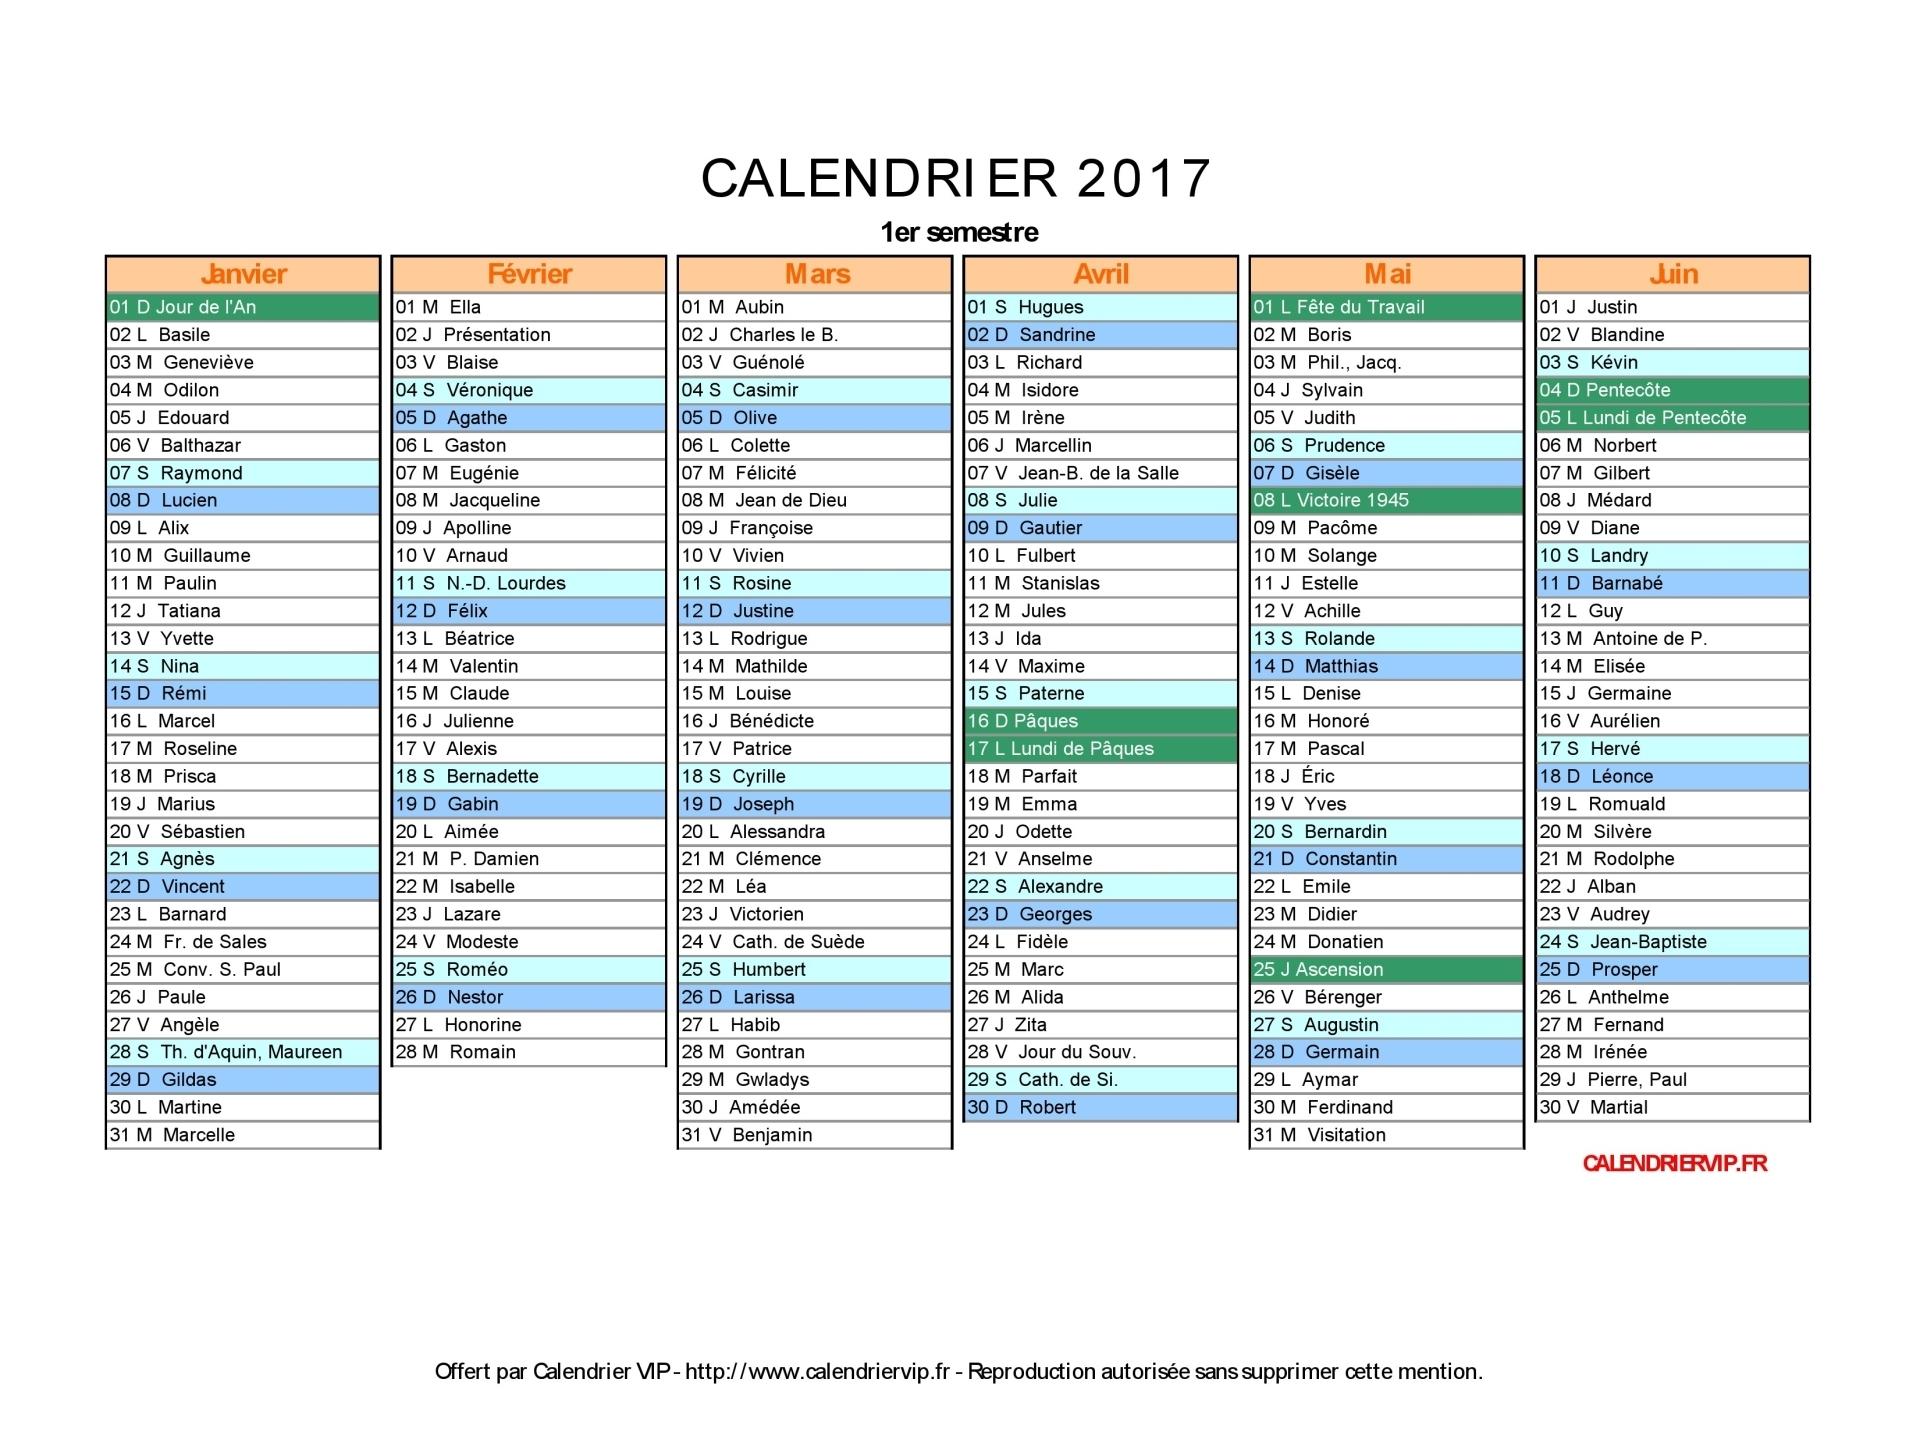 Calendrier 2017 À Imprimer Gratuit En Pdf Et Excel serapportantà Imprimer Un Calendrier 2017